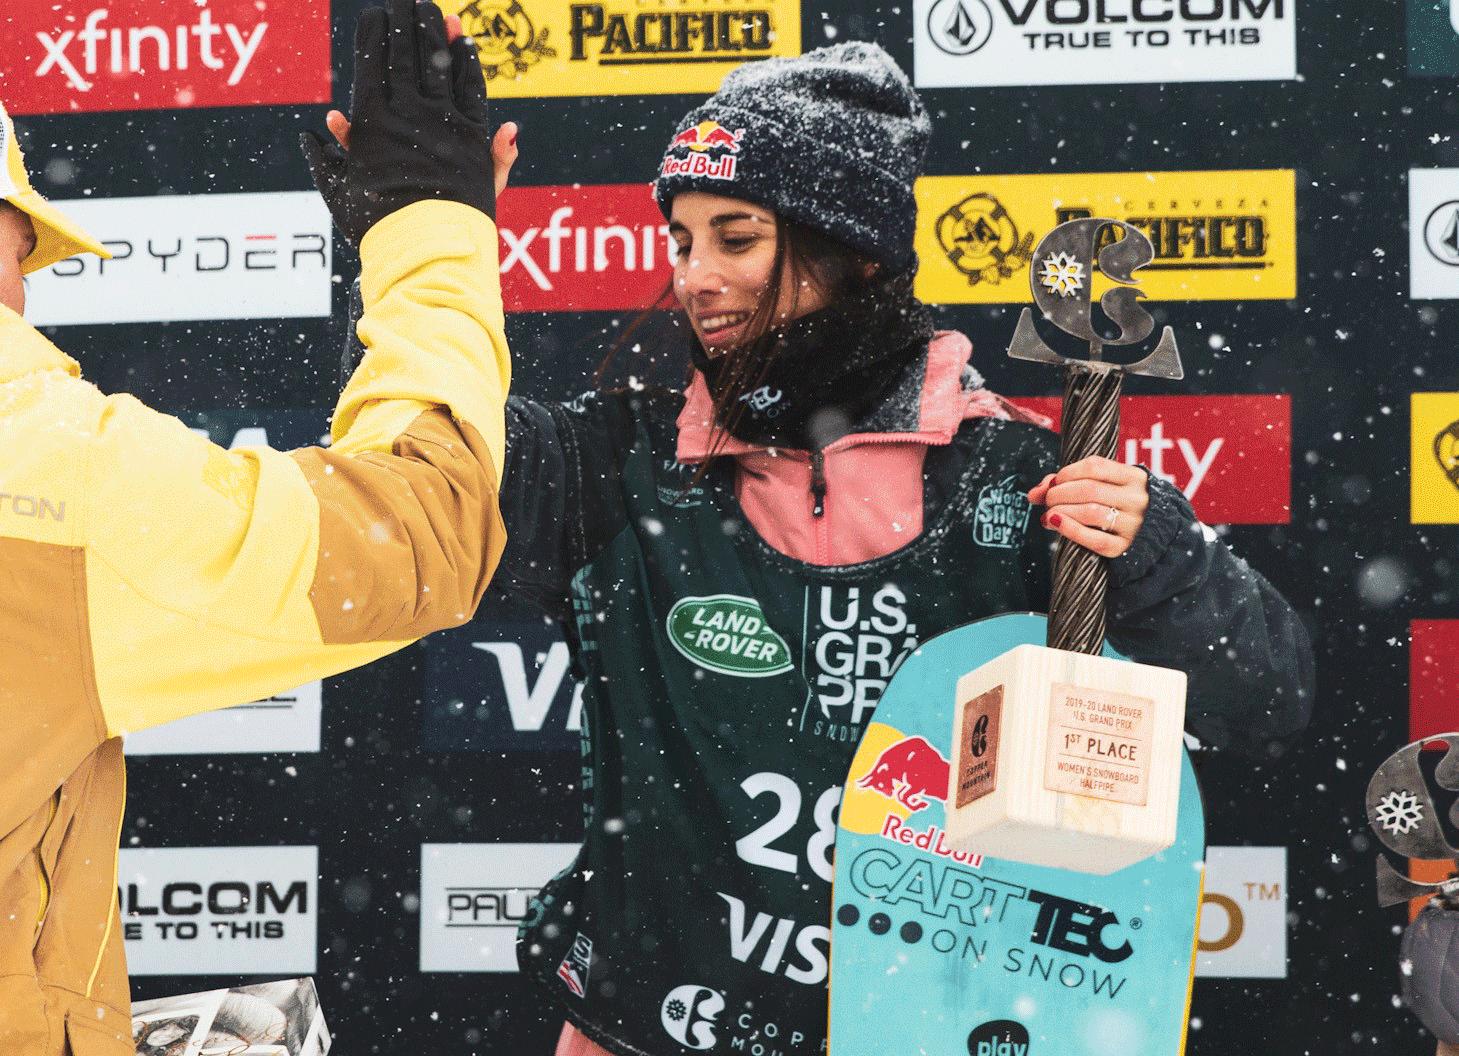 La snowboarder Queralt Castellet con la marca Carttec por todo el mundo